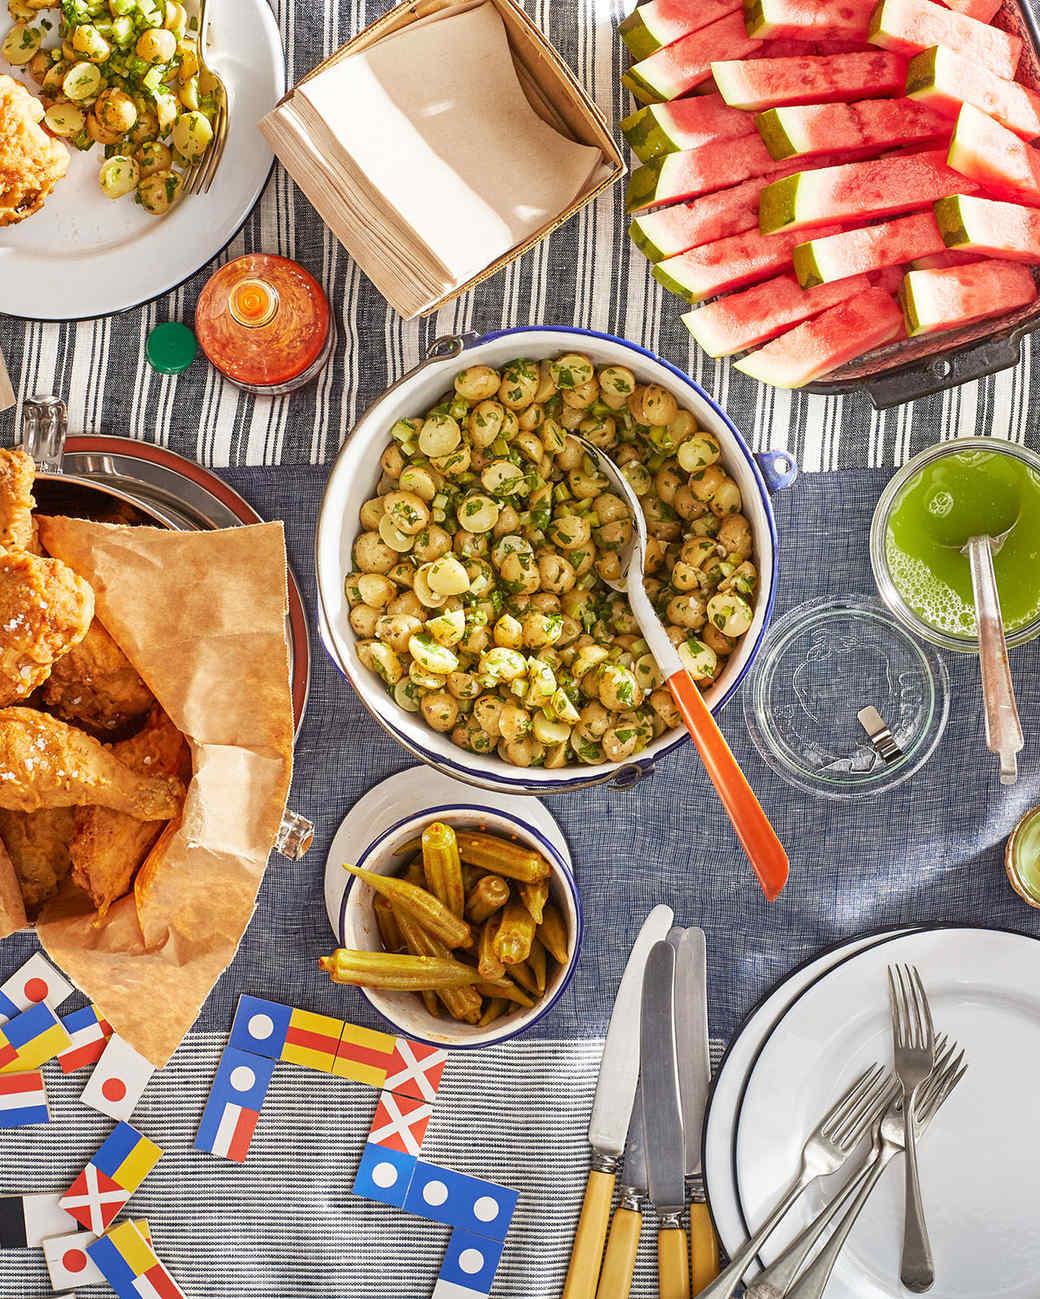 all-american picnic spread